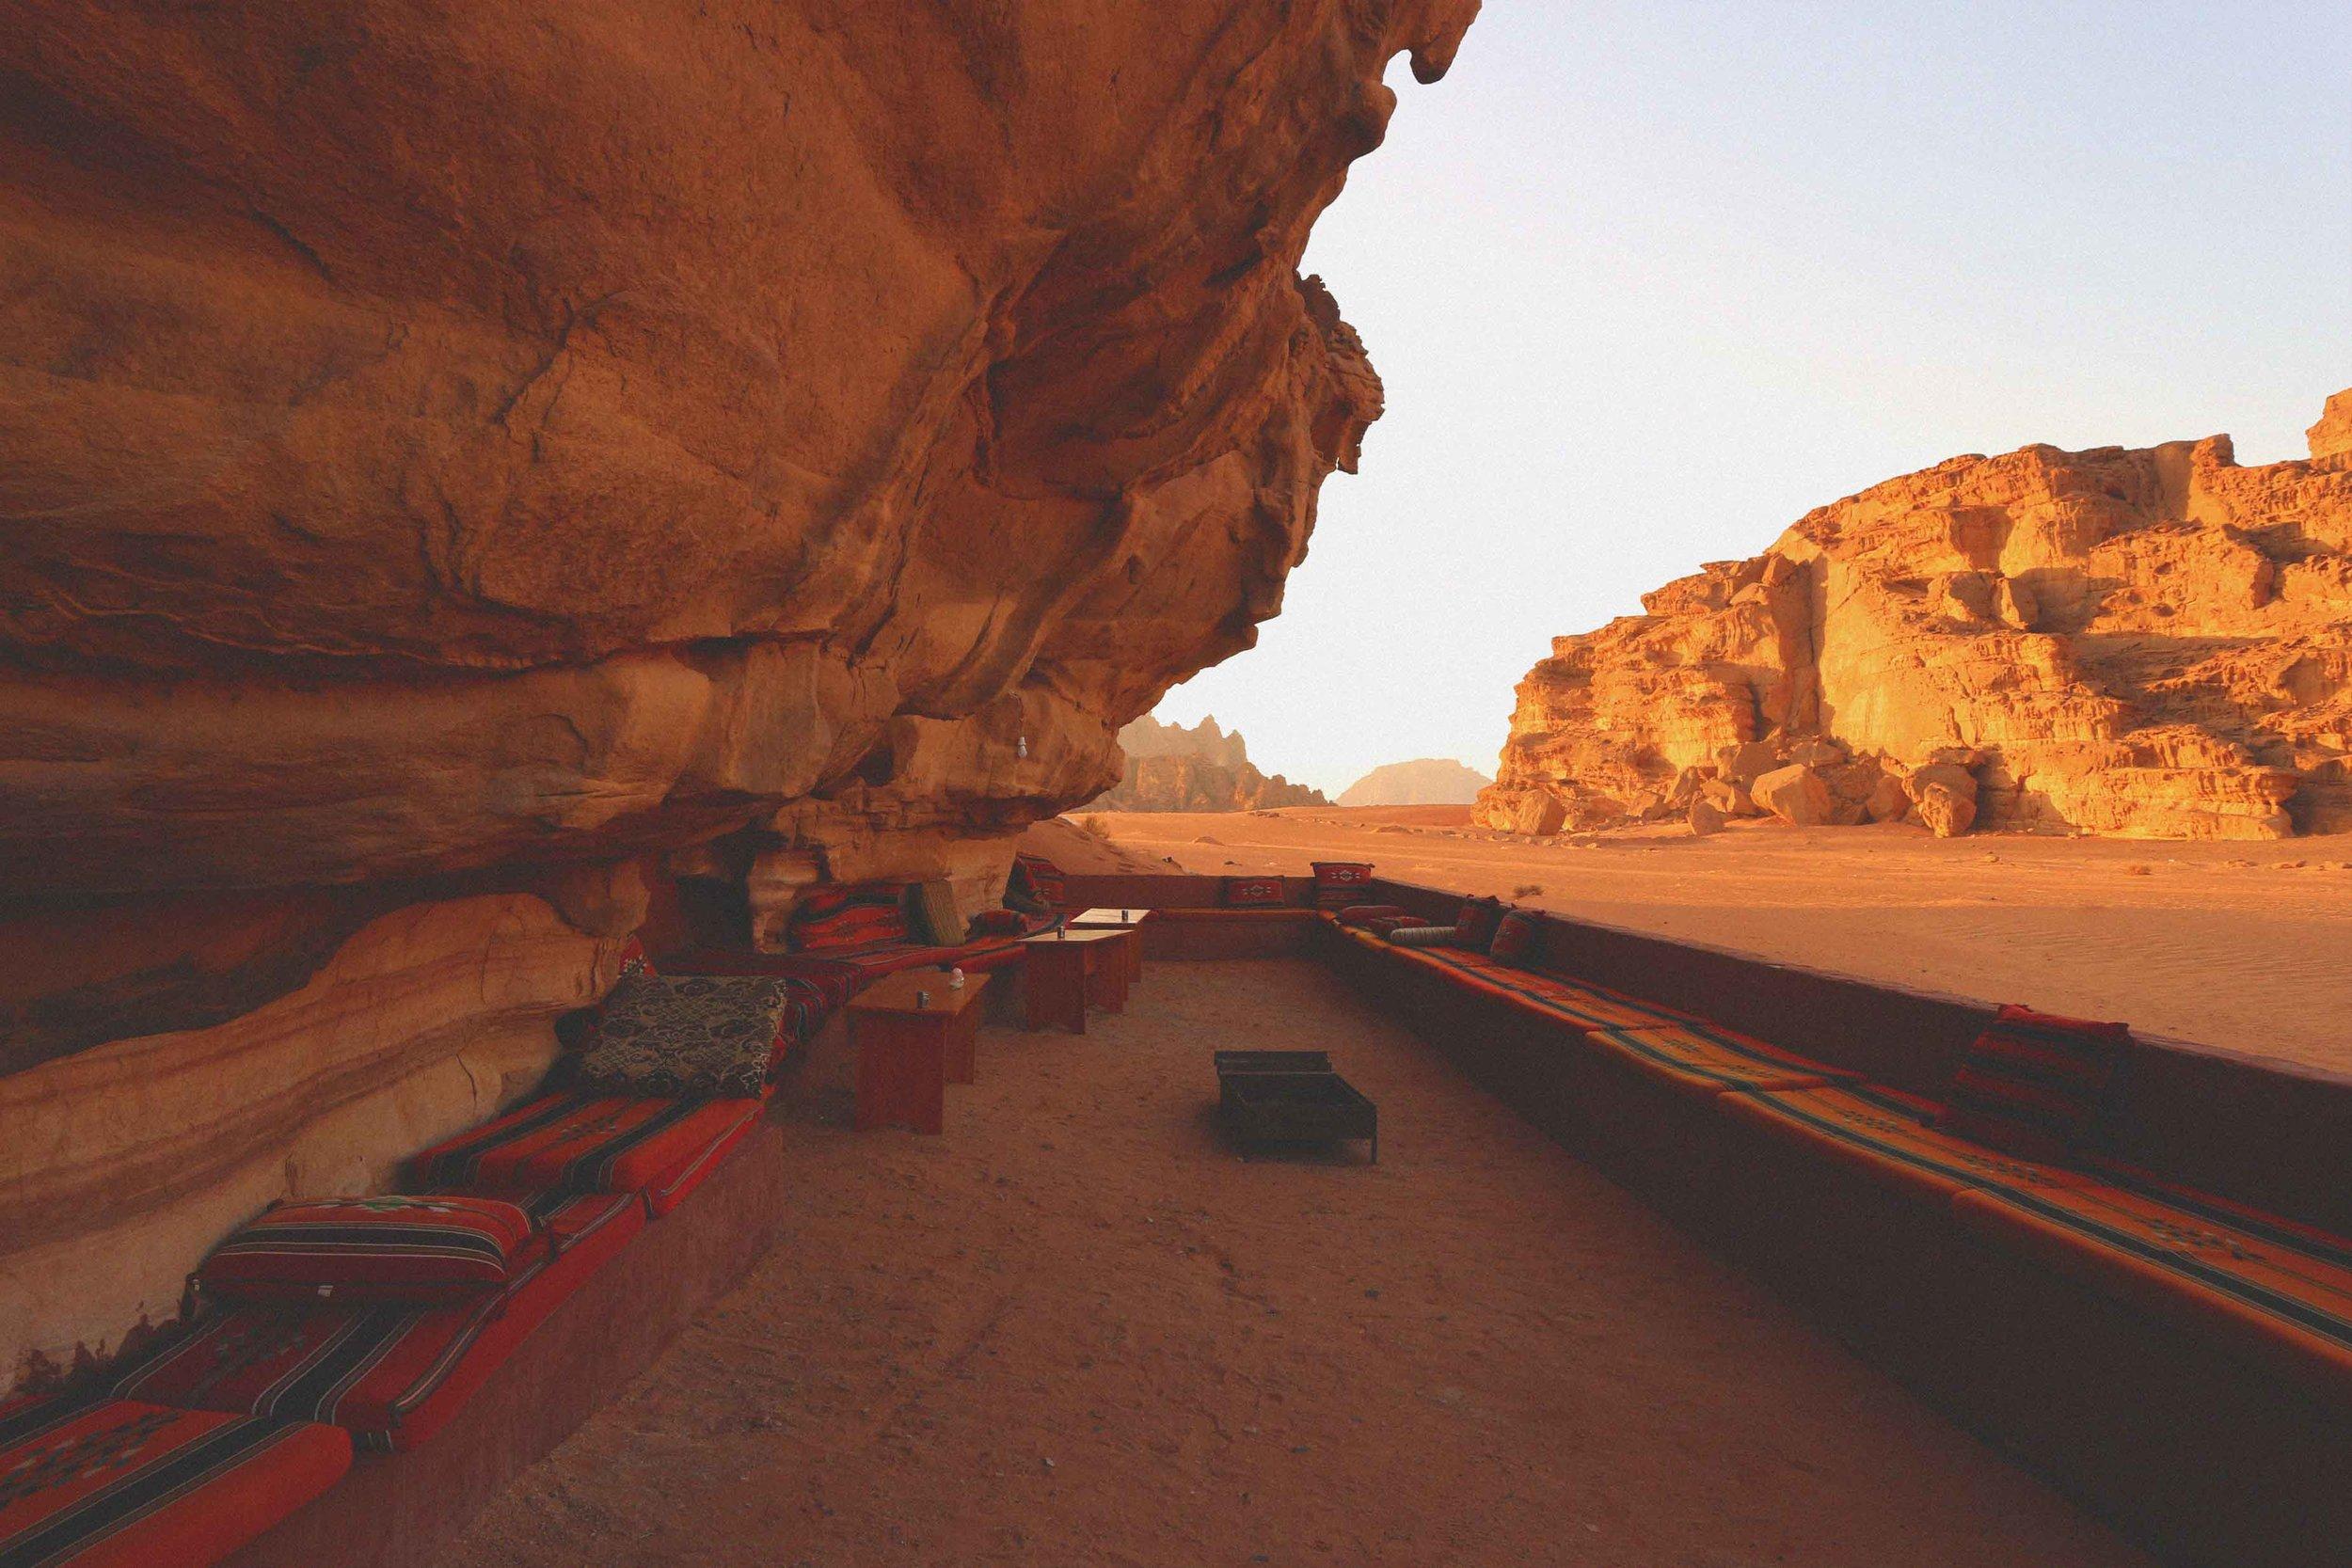 Jordan 94 wadi rum.jpg